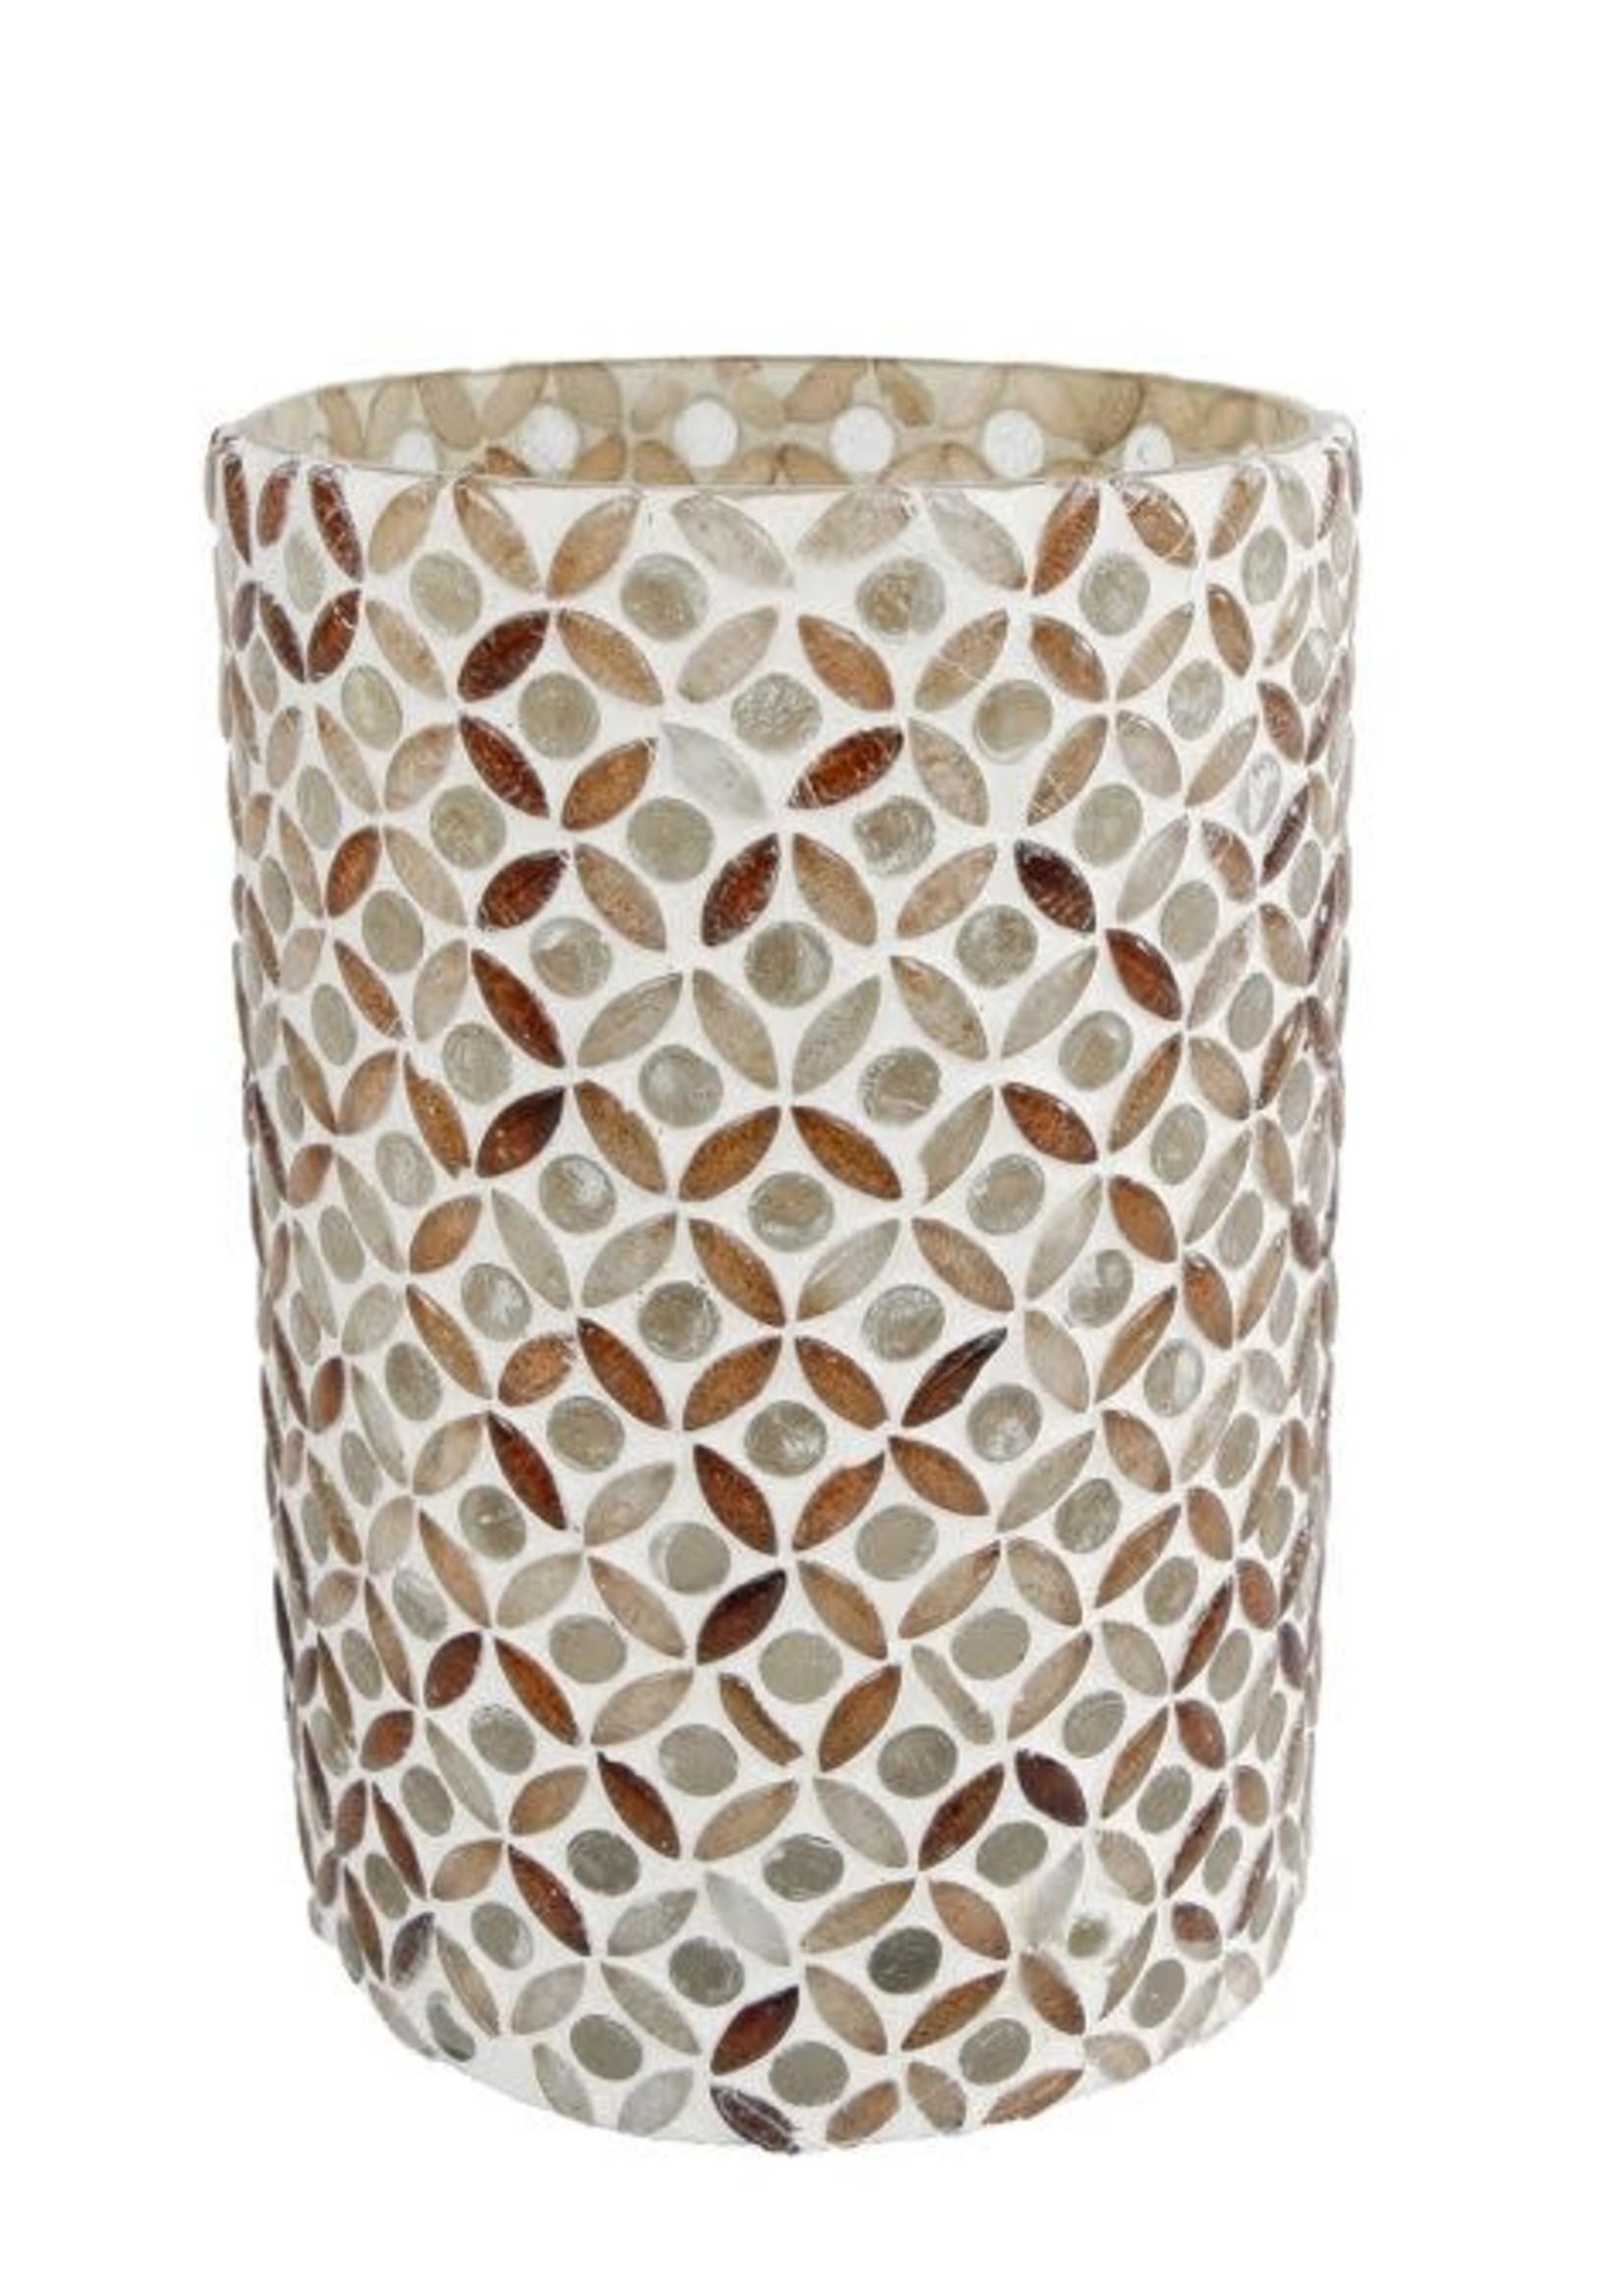 Theelicht Mosaic S glas 12x10x10